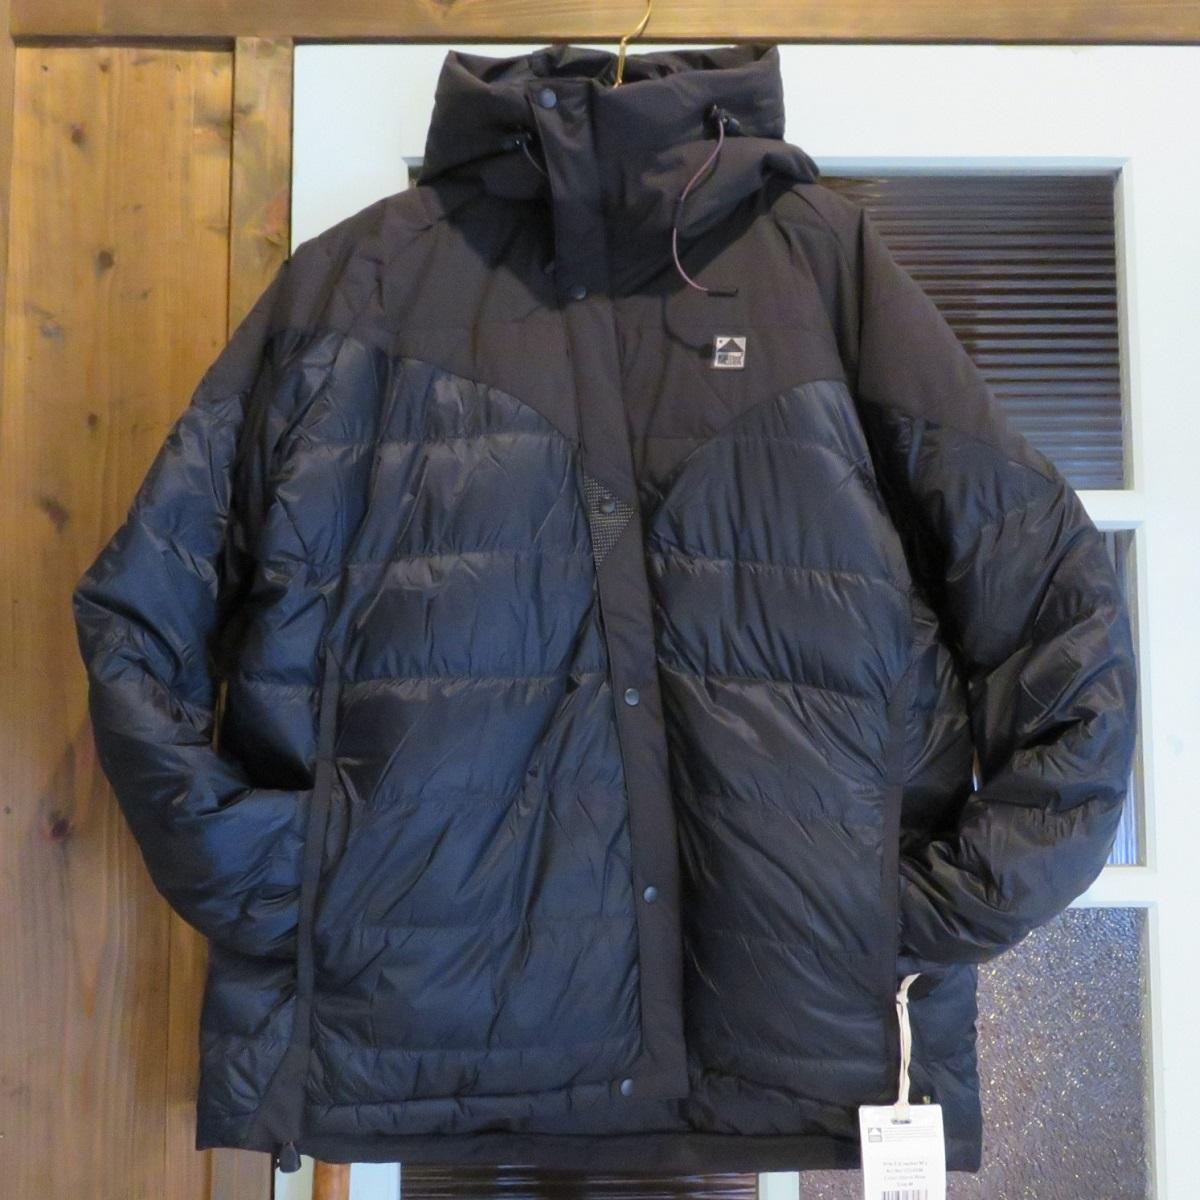 【在庫処分】KLATTERMUSEN(クレッタルムーセン) Atle2.0 Jacket M's StormBlue Lサイズ 【アトレ2.0ジャケット】 【ダウンジャケット】【正規輸入品】【アウトドア】